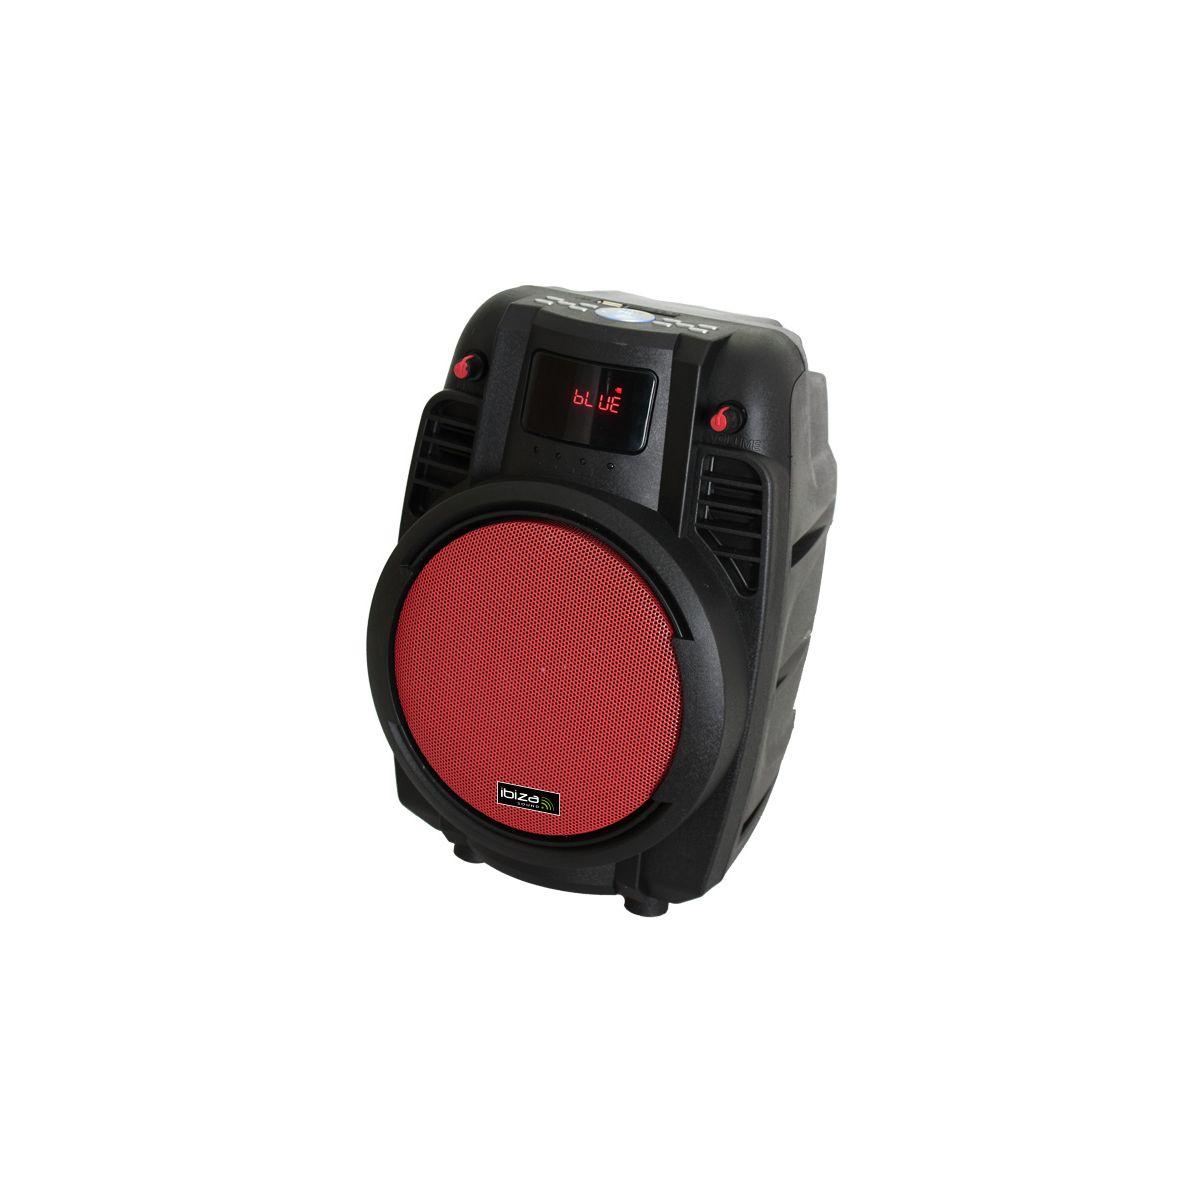 Enceinte ibiza power6-port-r - 15% de remise immédiate avec le code : cash15 (photo)